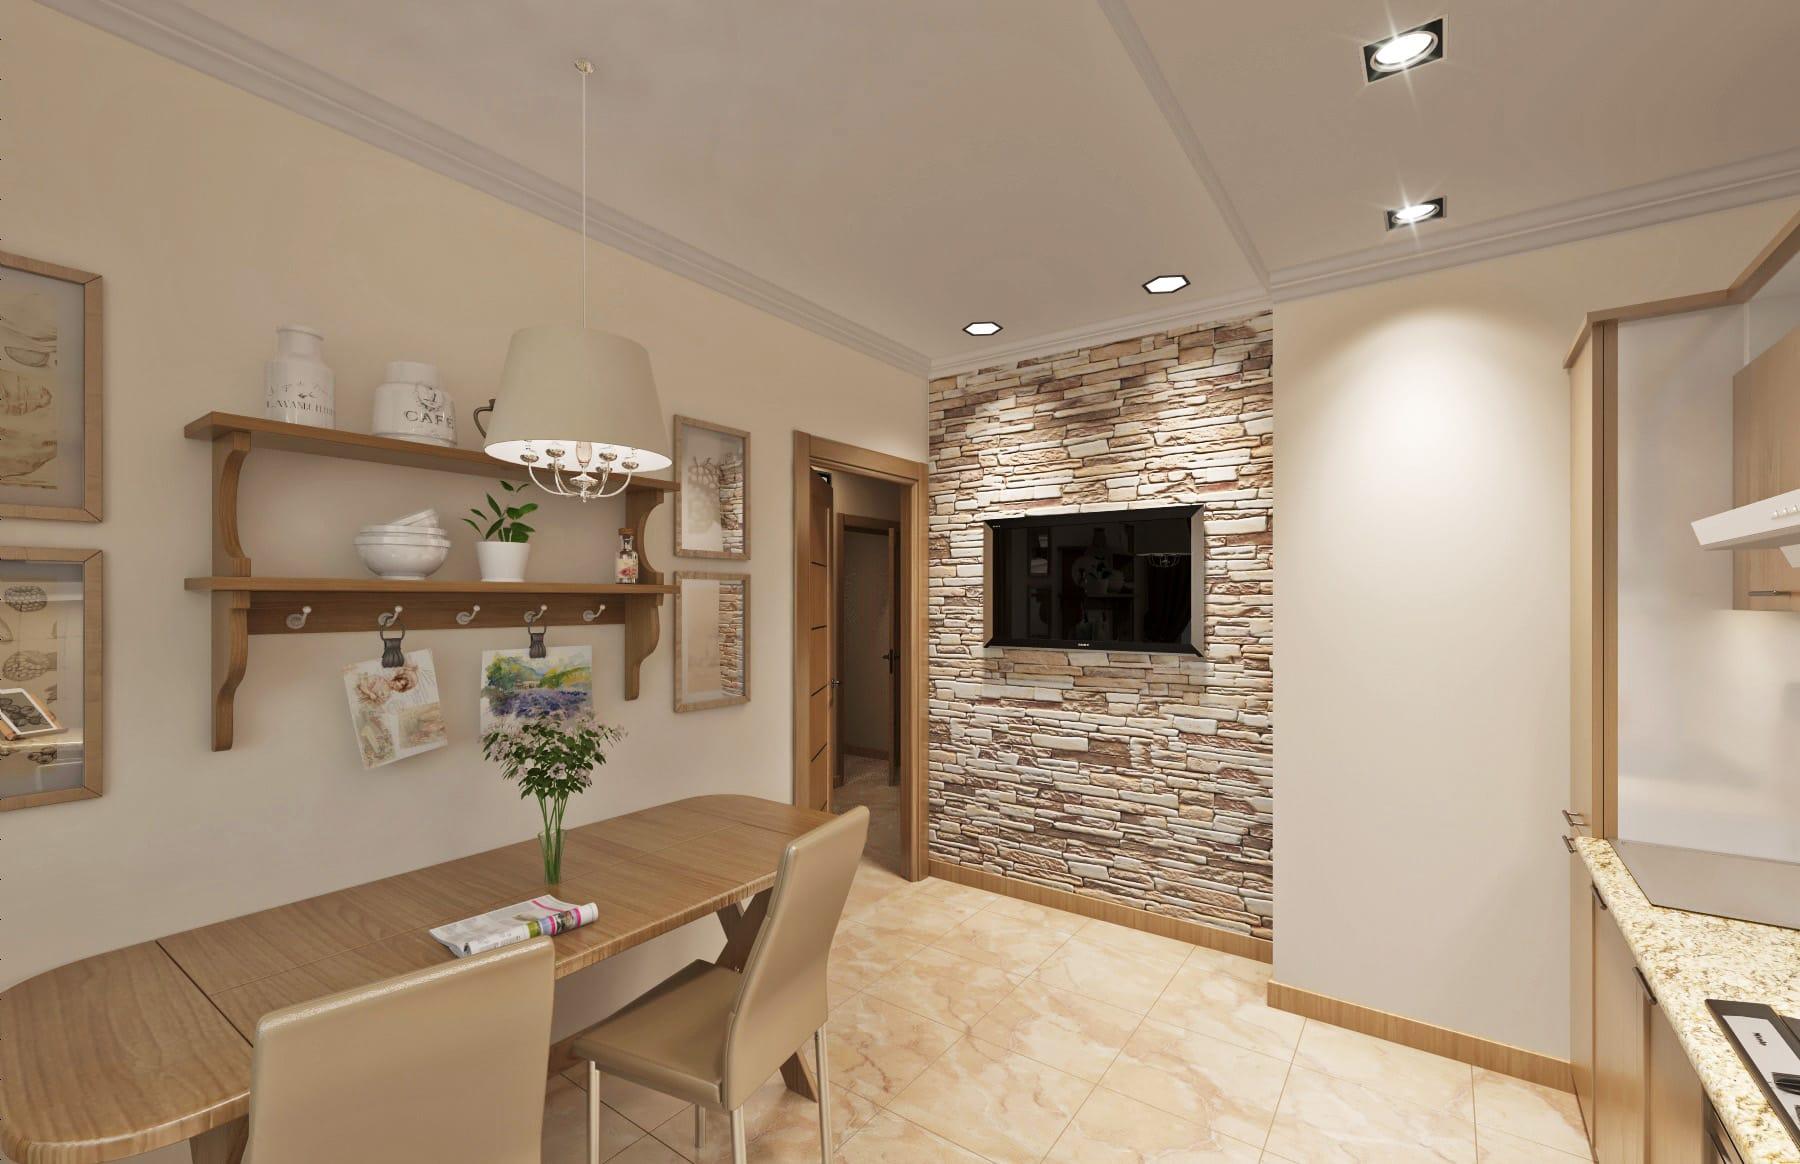 дизайн интерьера кухни с натуральным камнем и деревом